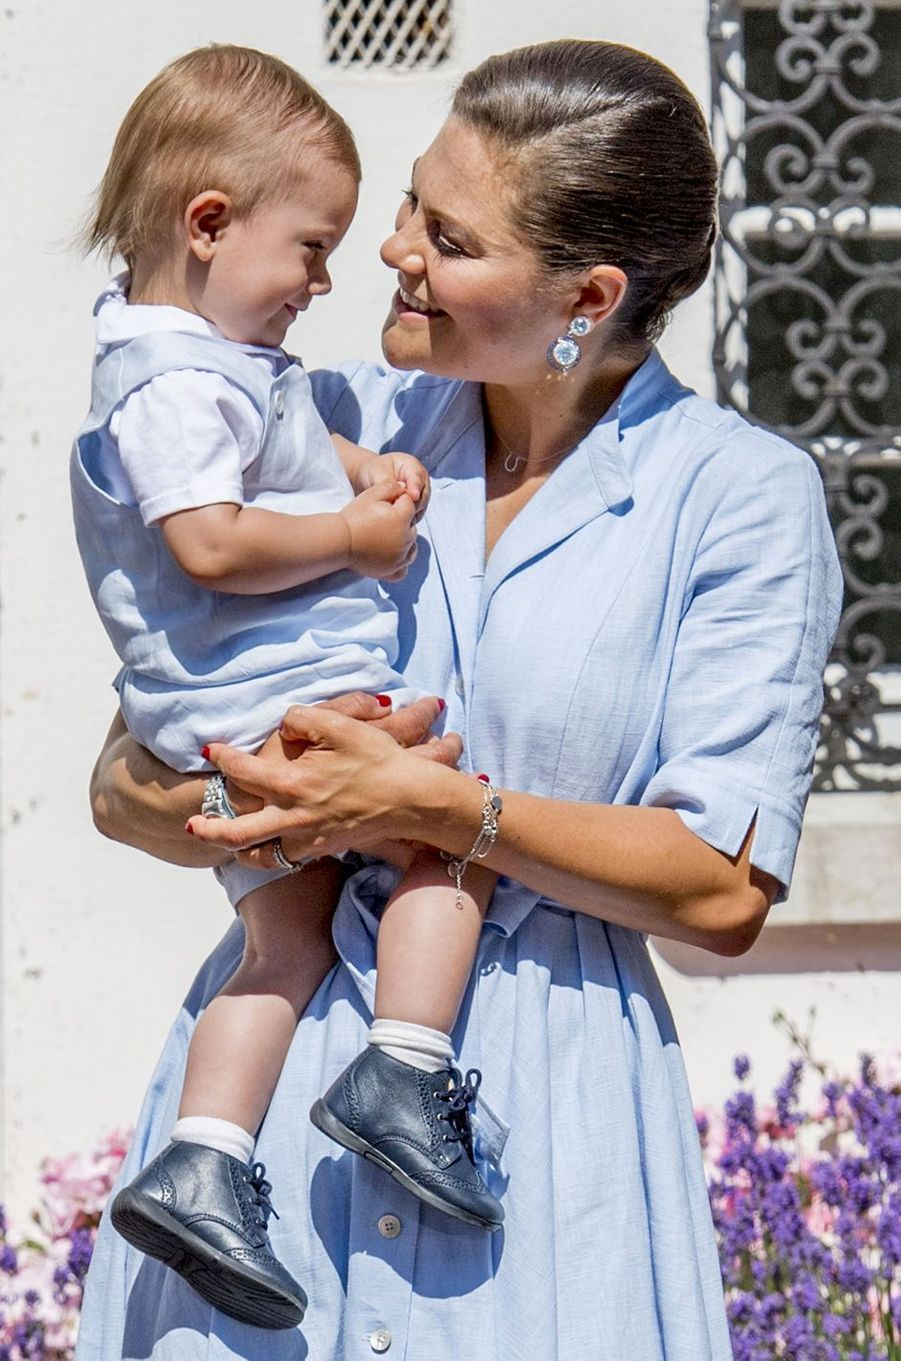 Victoria de Suède et le prince Oscar sur l'île d'Öland, le 15 juillet 2017.